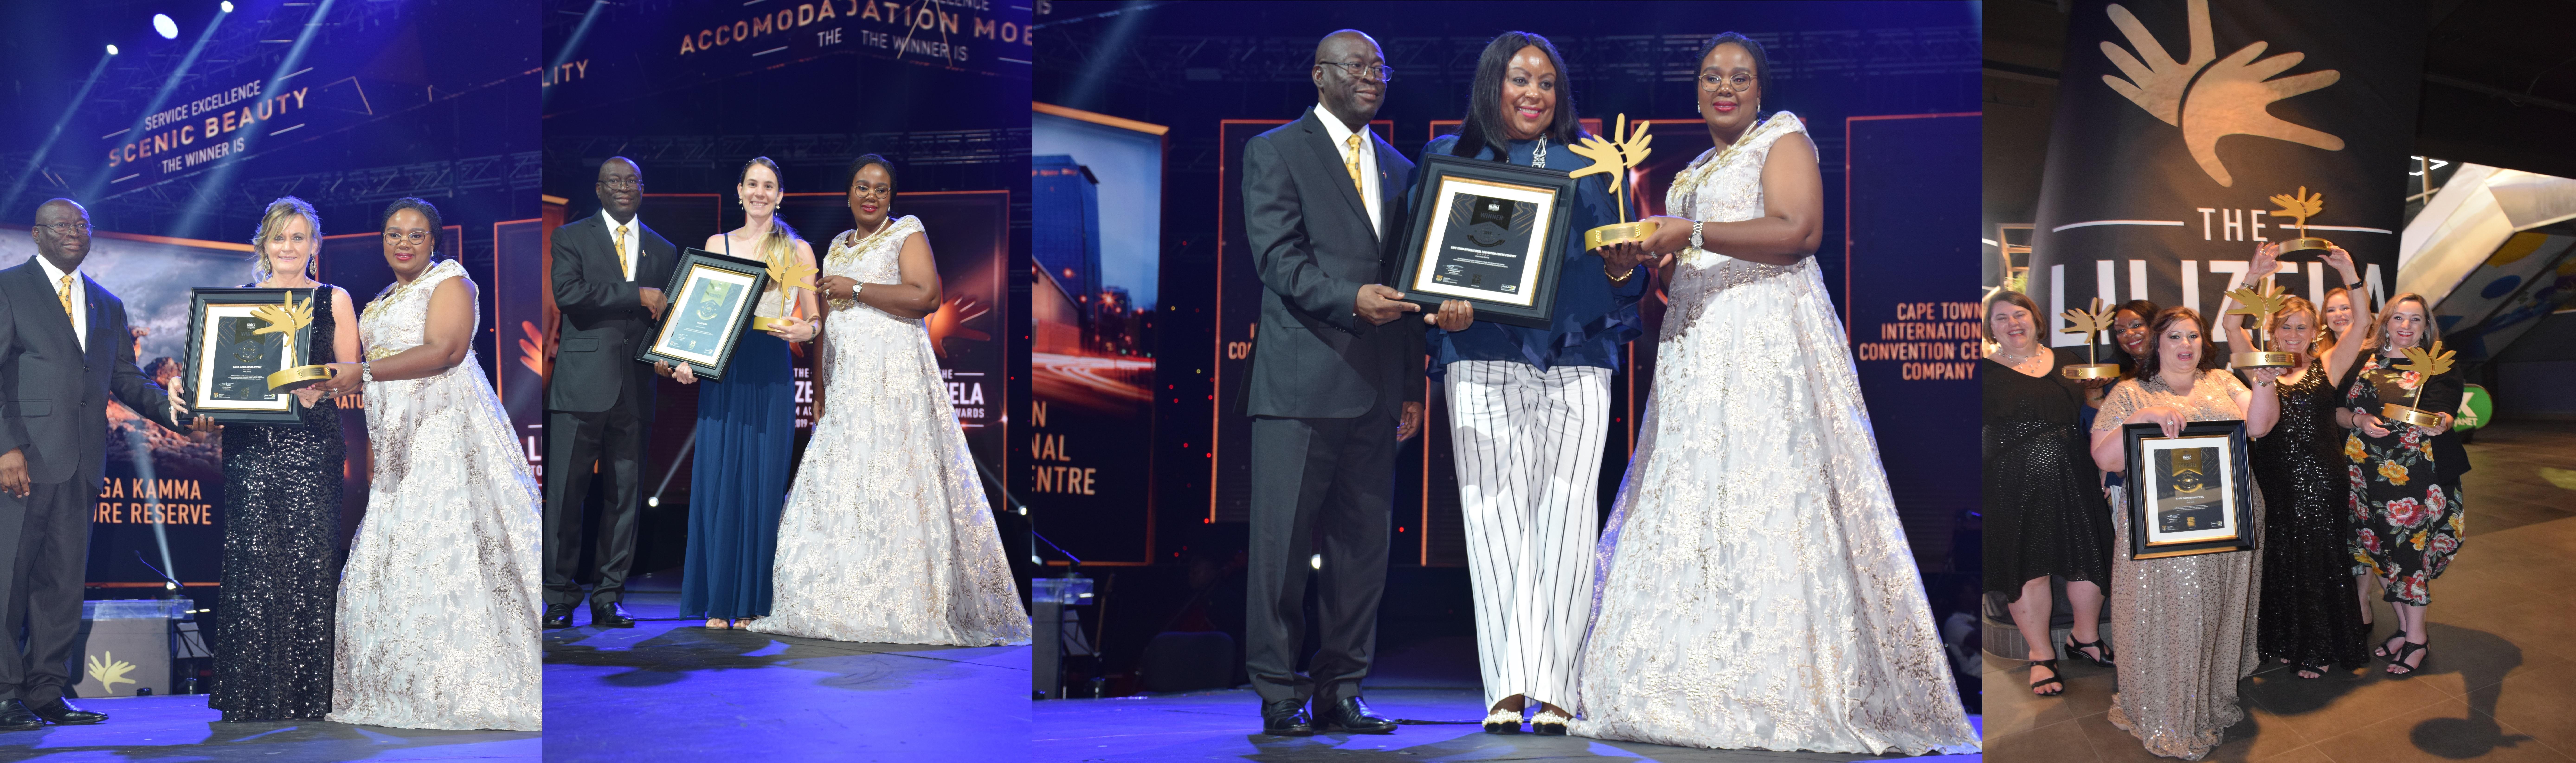 lilizela_awards_winners_3.jpg